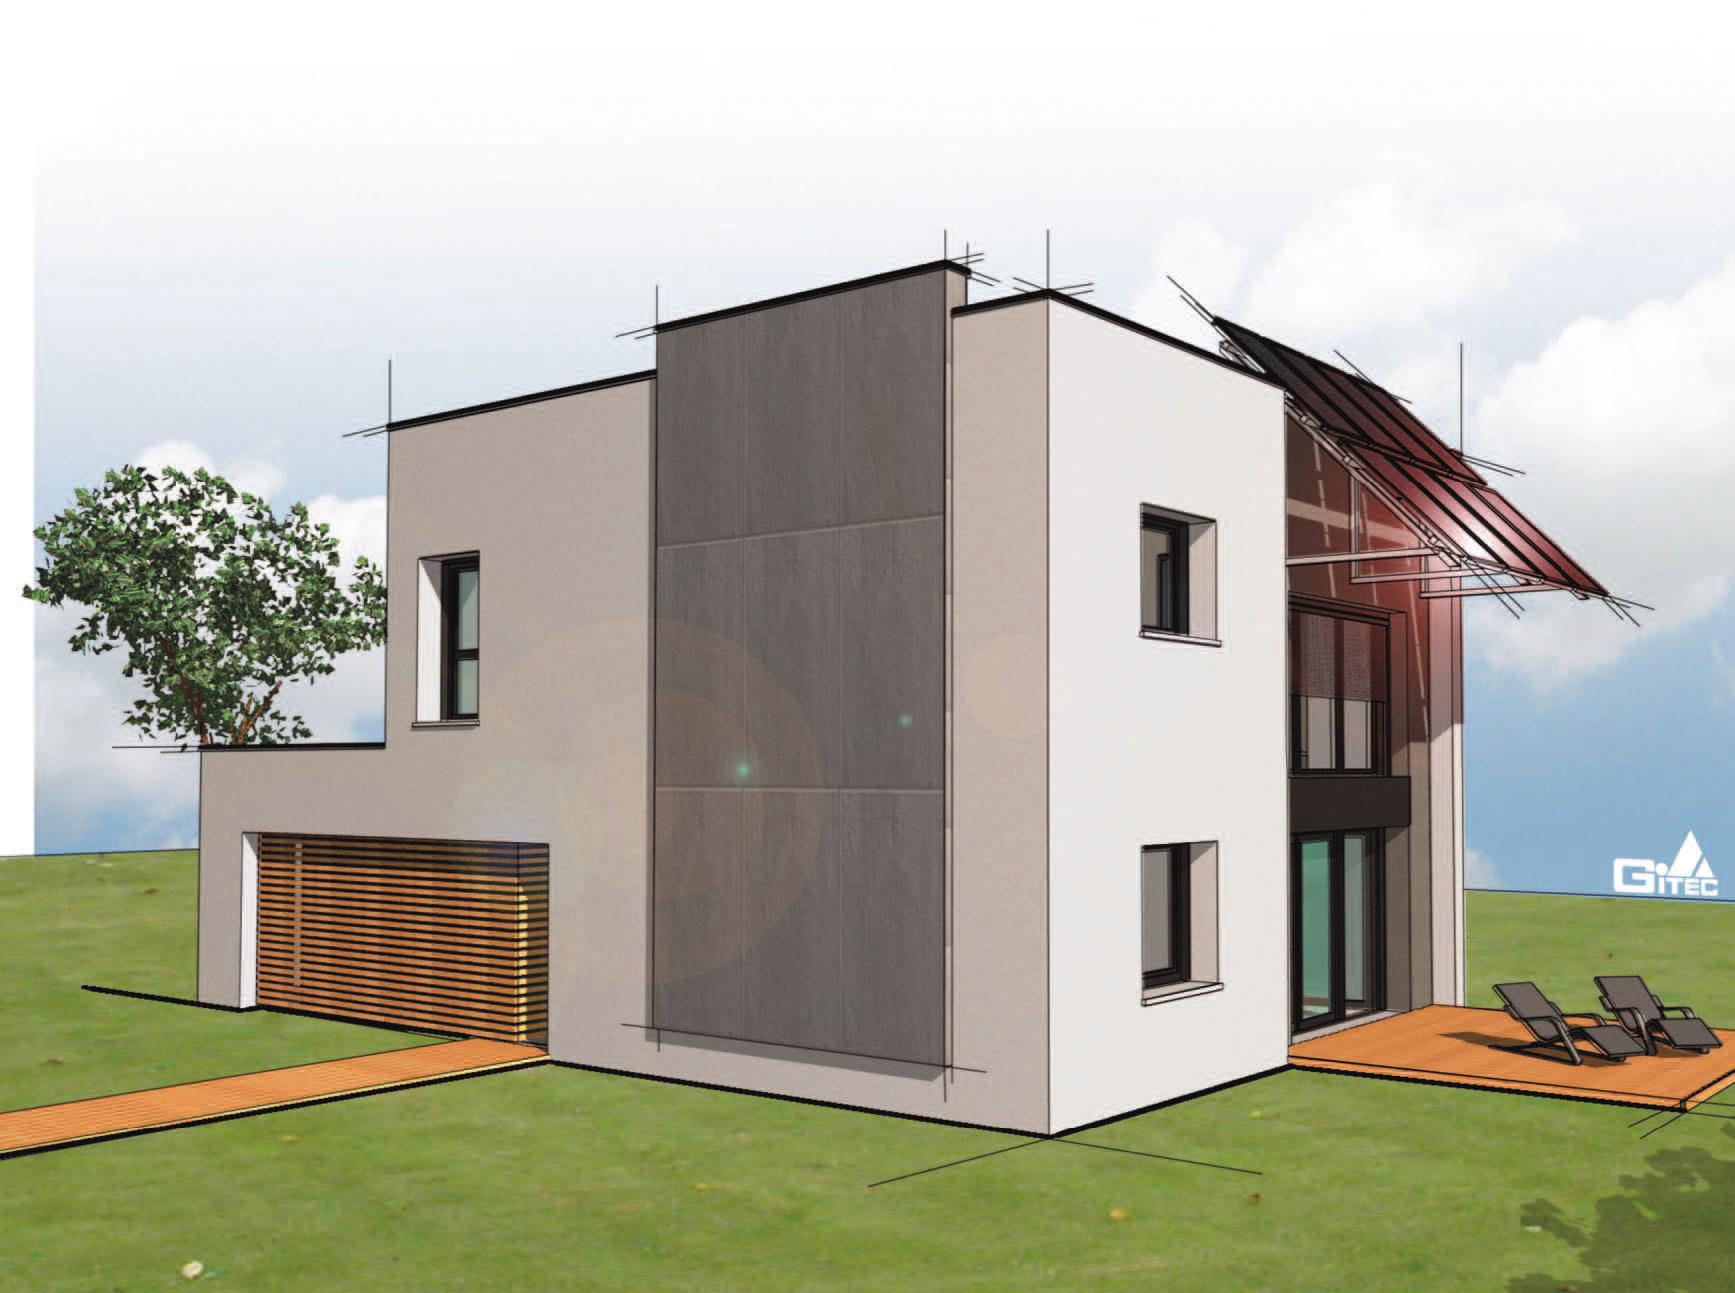 Cocoon 2020 : Une maison passive accessible